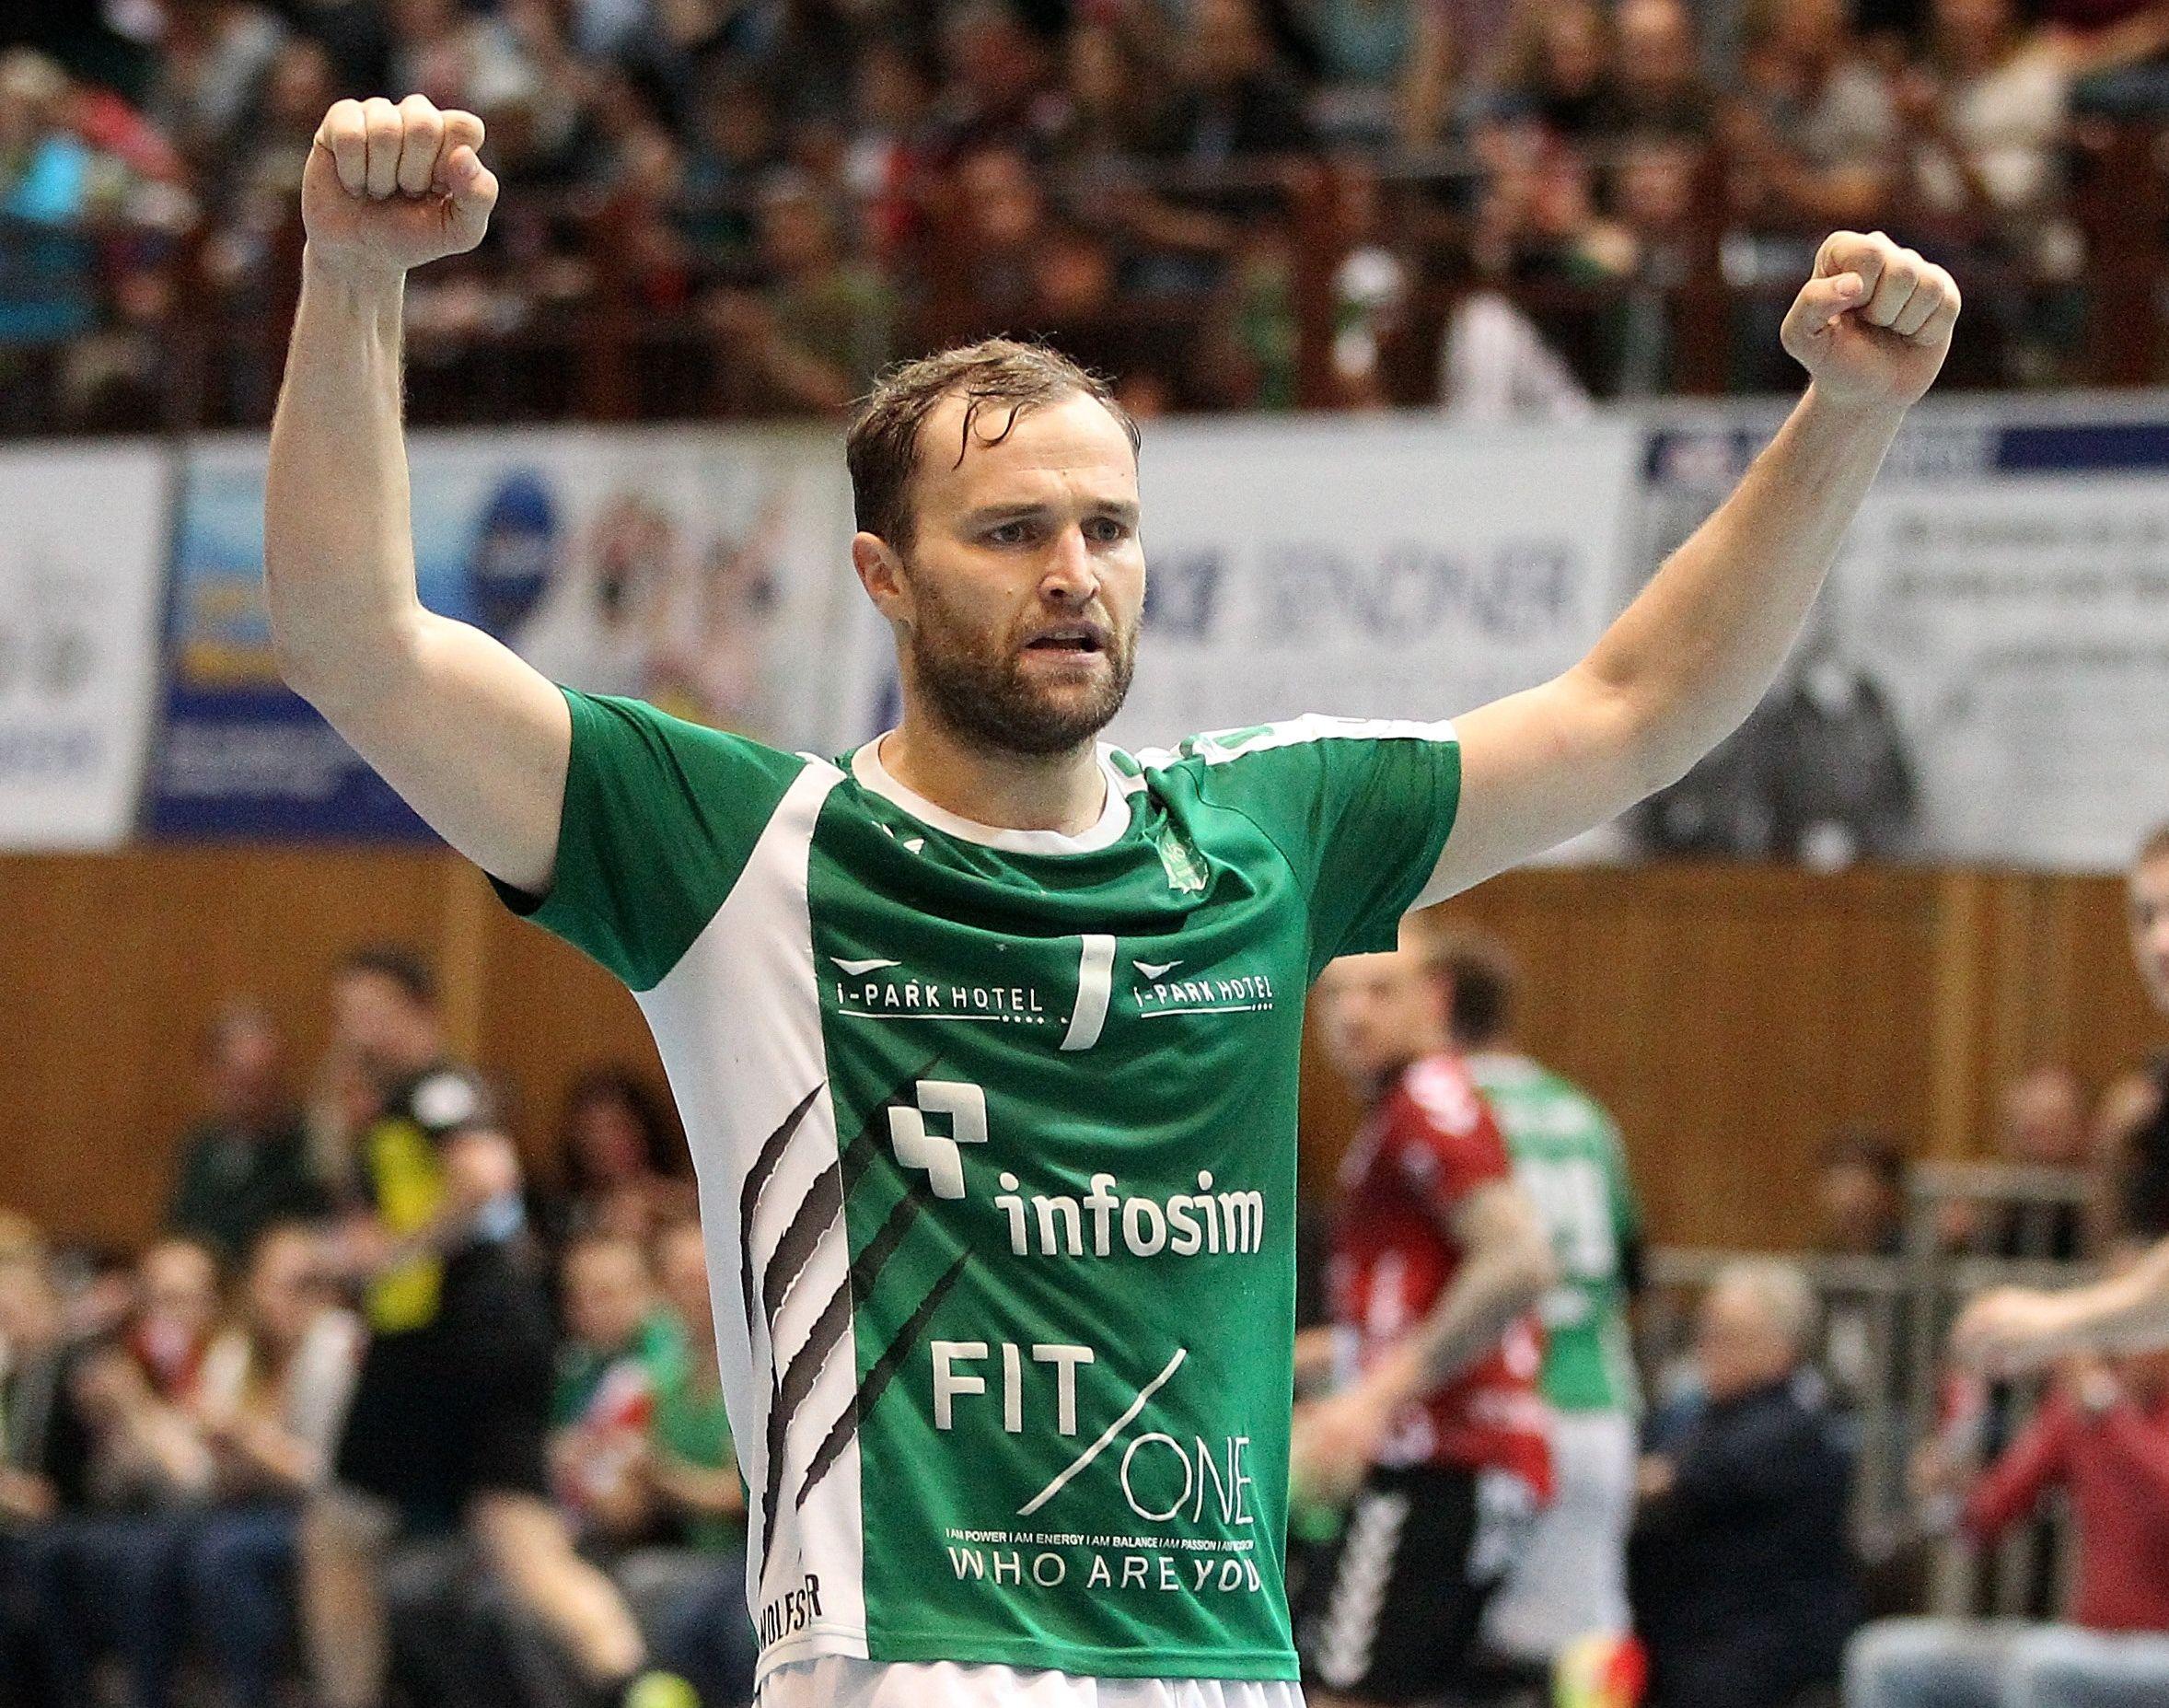 DKB 2. Handball-Bundesliga, DJK Rimpar Wölfe -VfL Lübeck-Schwartau